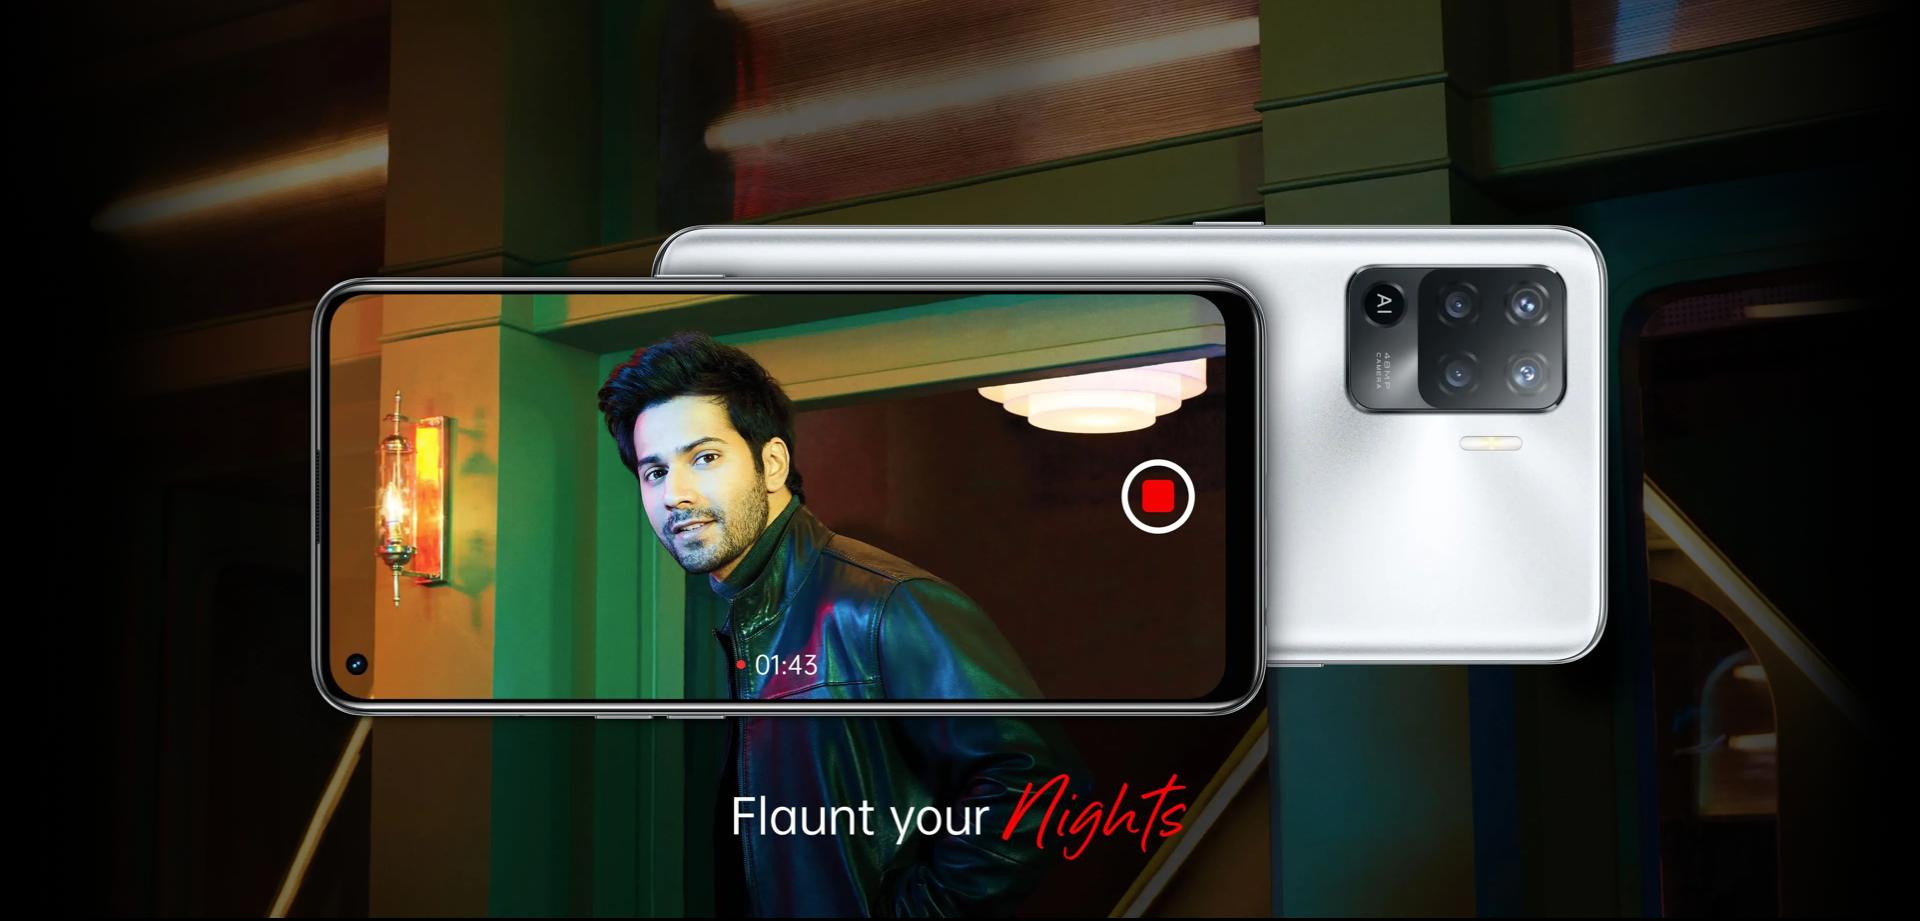 OPPO представила смартфоны F19 Pro и F19 Pro+ 5G с чипами MediaTek, AMOLED-дисплеями и зарядкой на 50 Вт